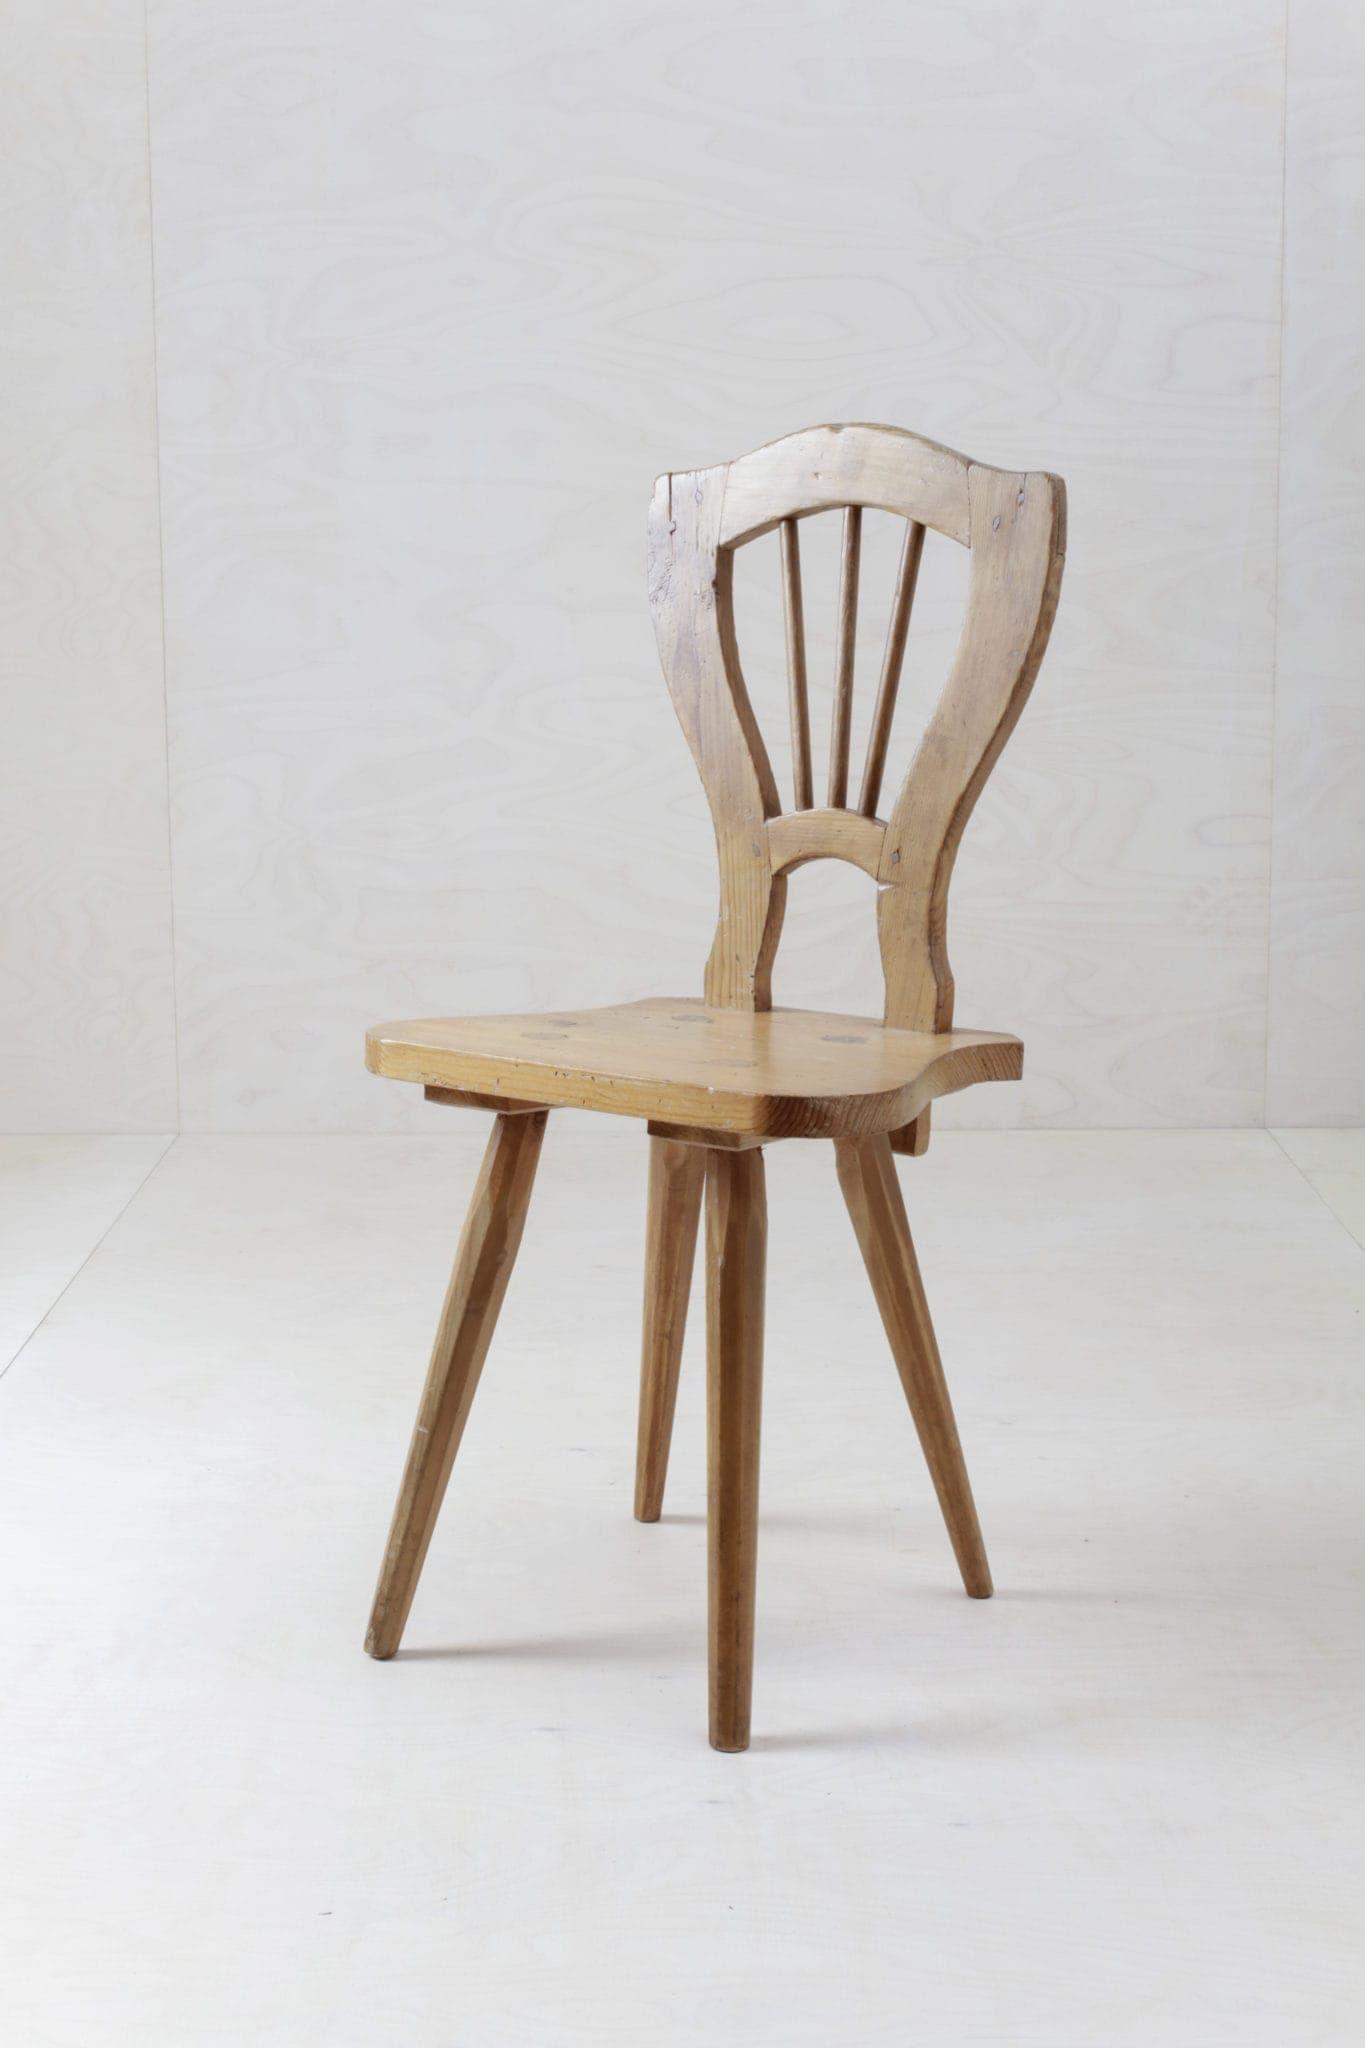 Moderner Vintage, Bauernstuhl, Holzstuhl, Schalenstuhl zu mieten